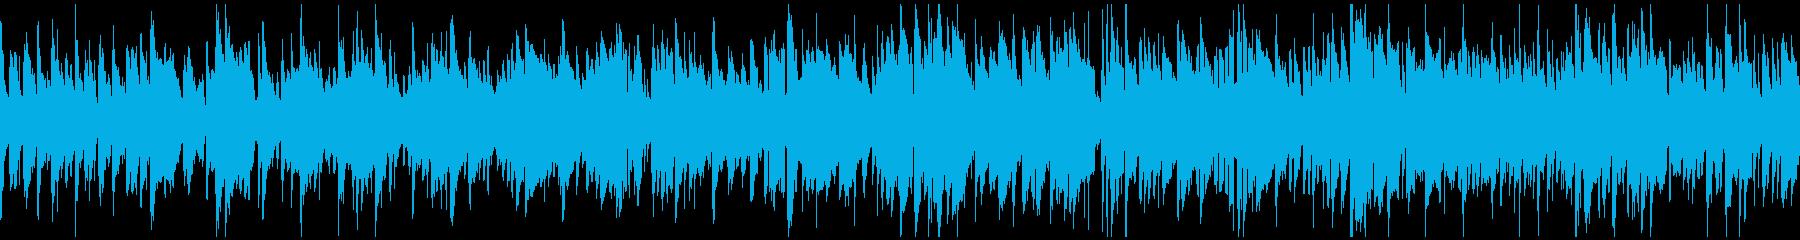 秋のボサノバ・ジャズ、お洒落 ※ループ版の再生済みの波形